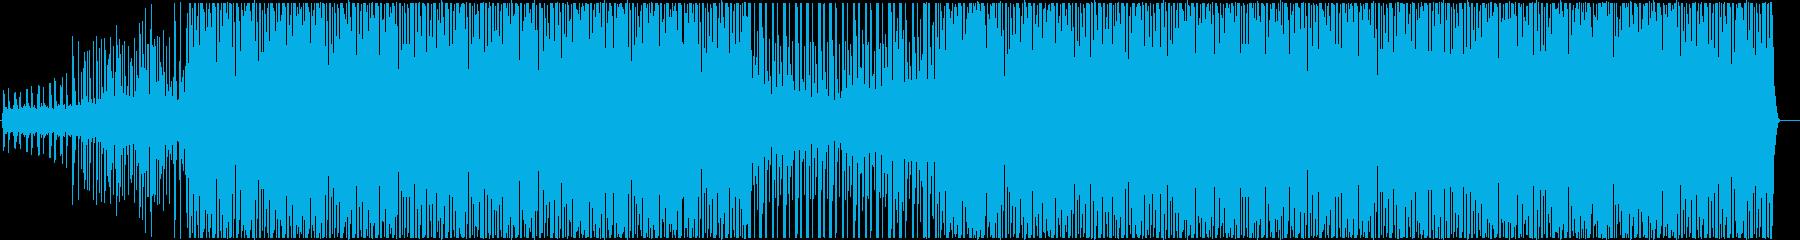 クールな女性声ループもののEDMの再生済みの波形